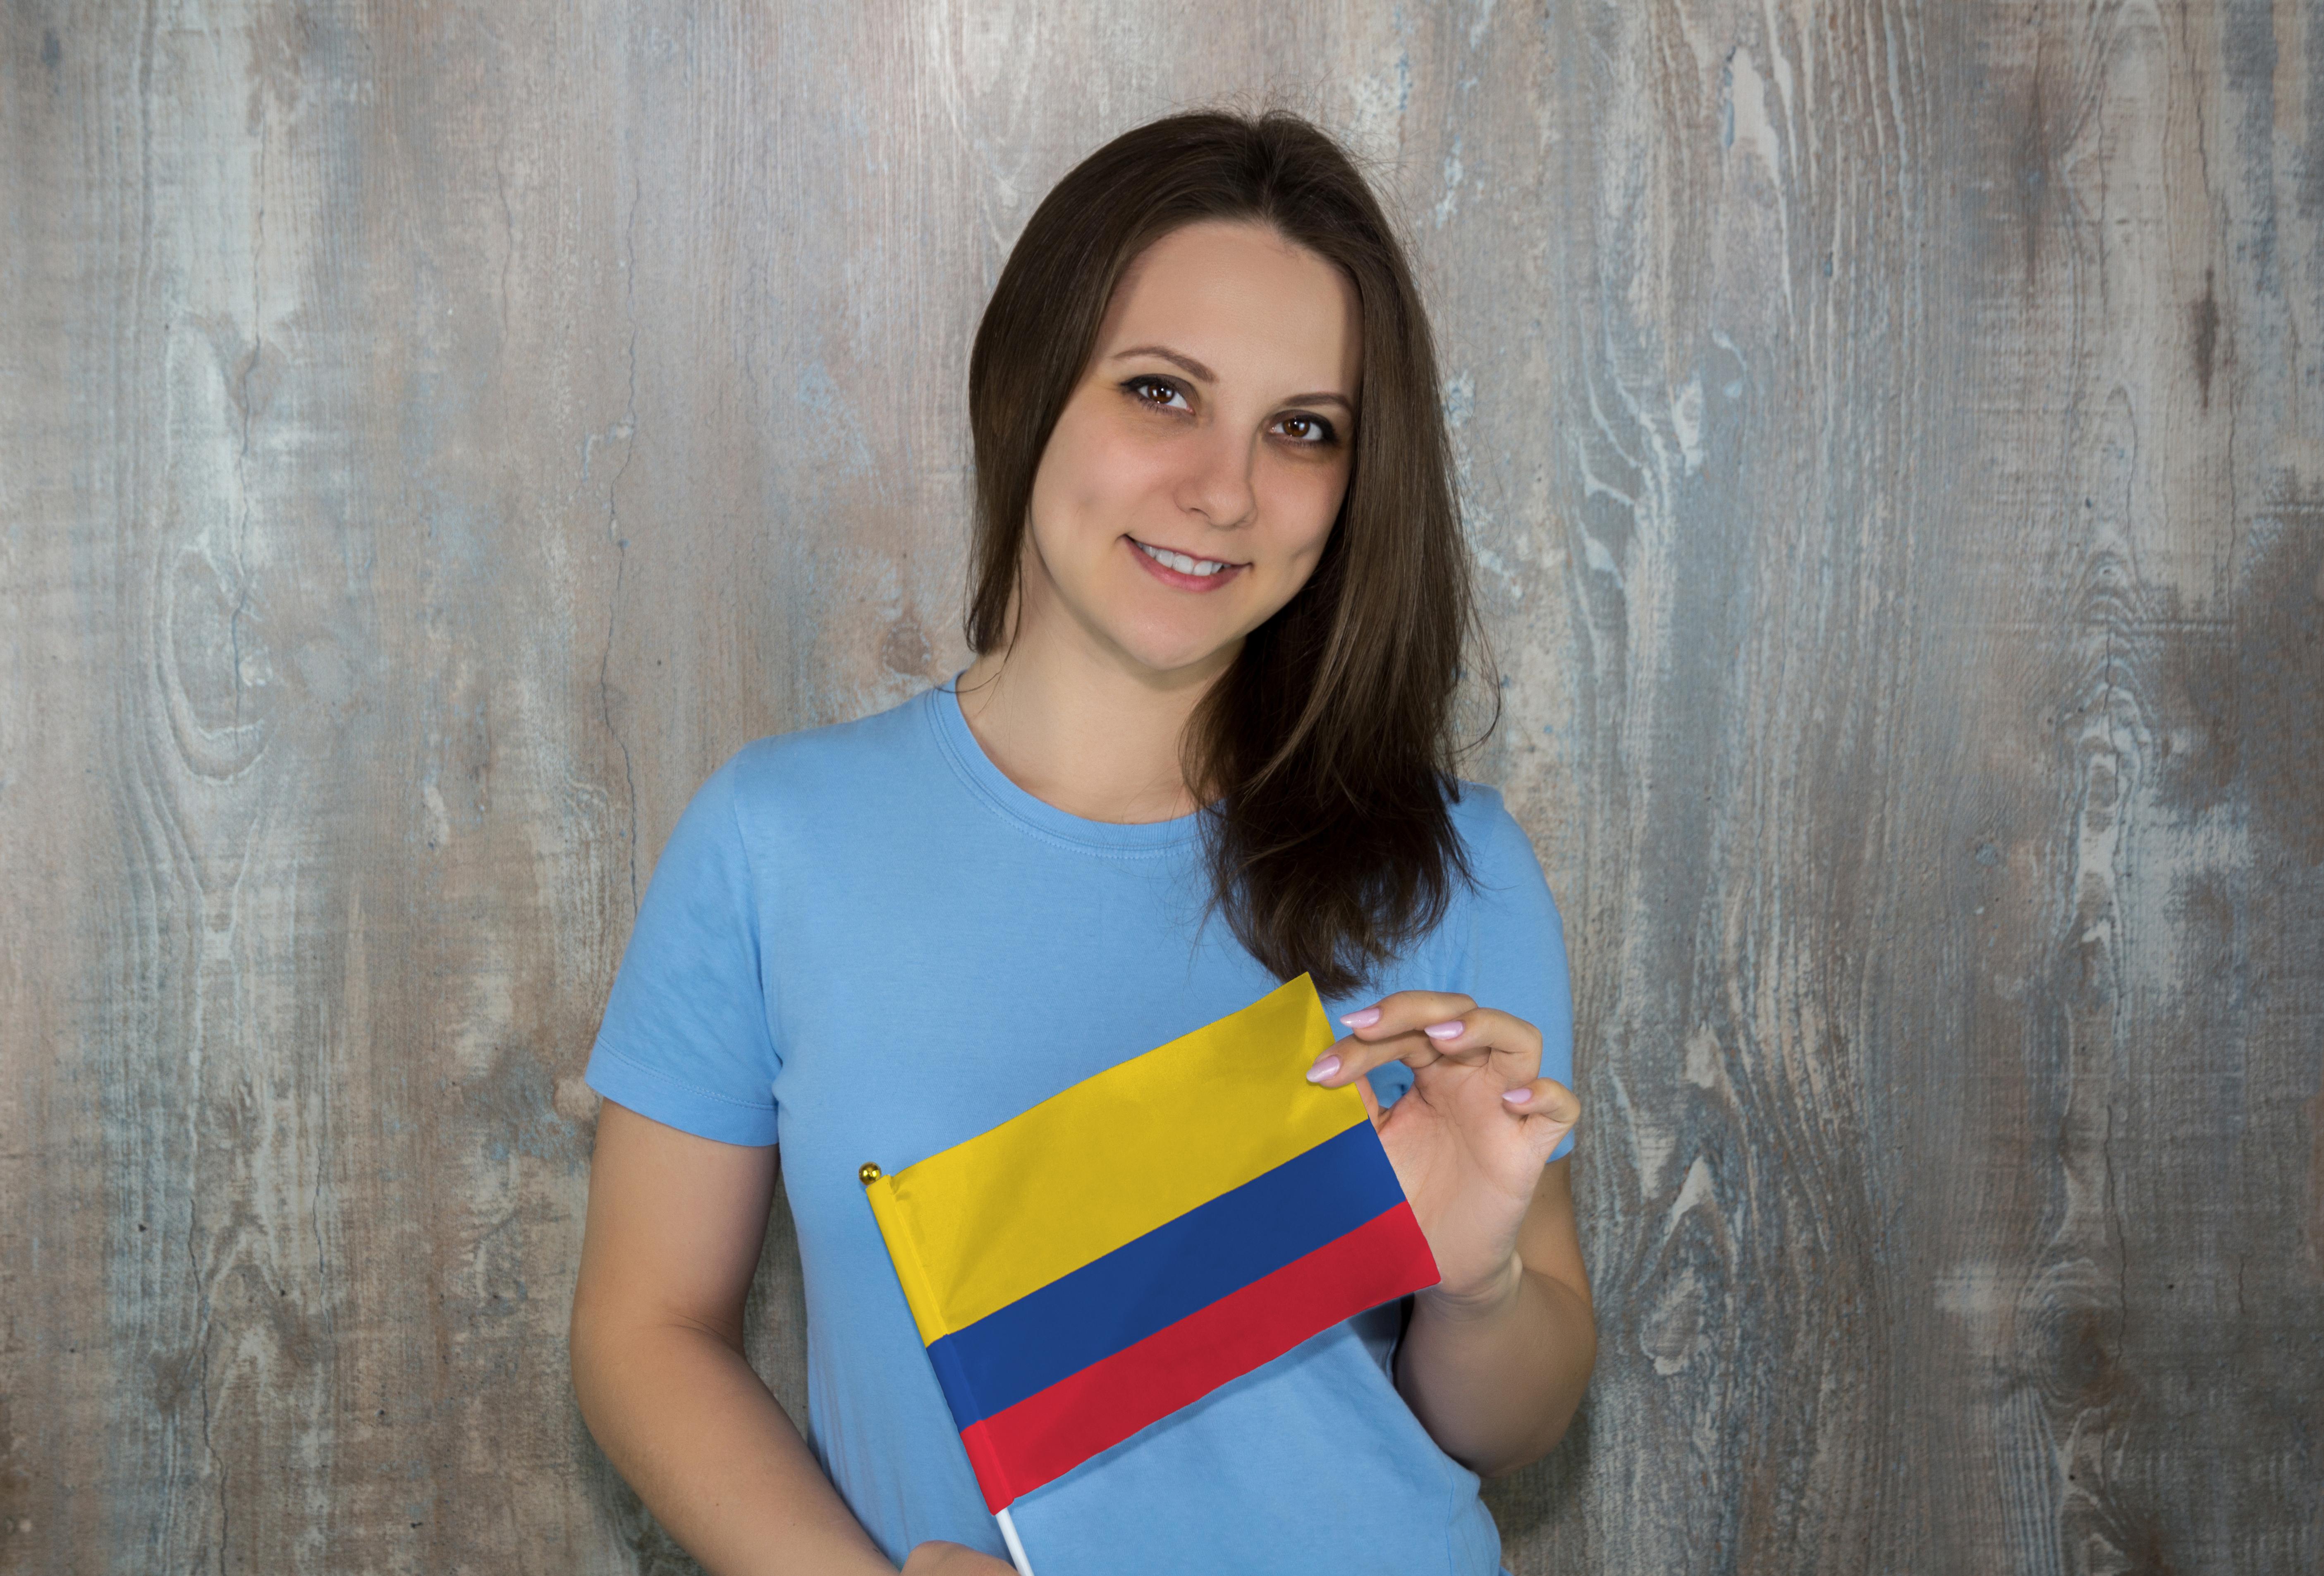 Девушка с флагом Колумбии, где есть возможность обучаться для россиян